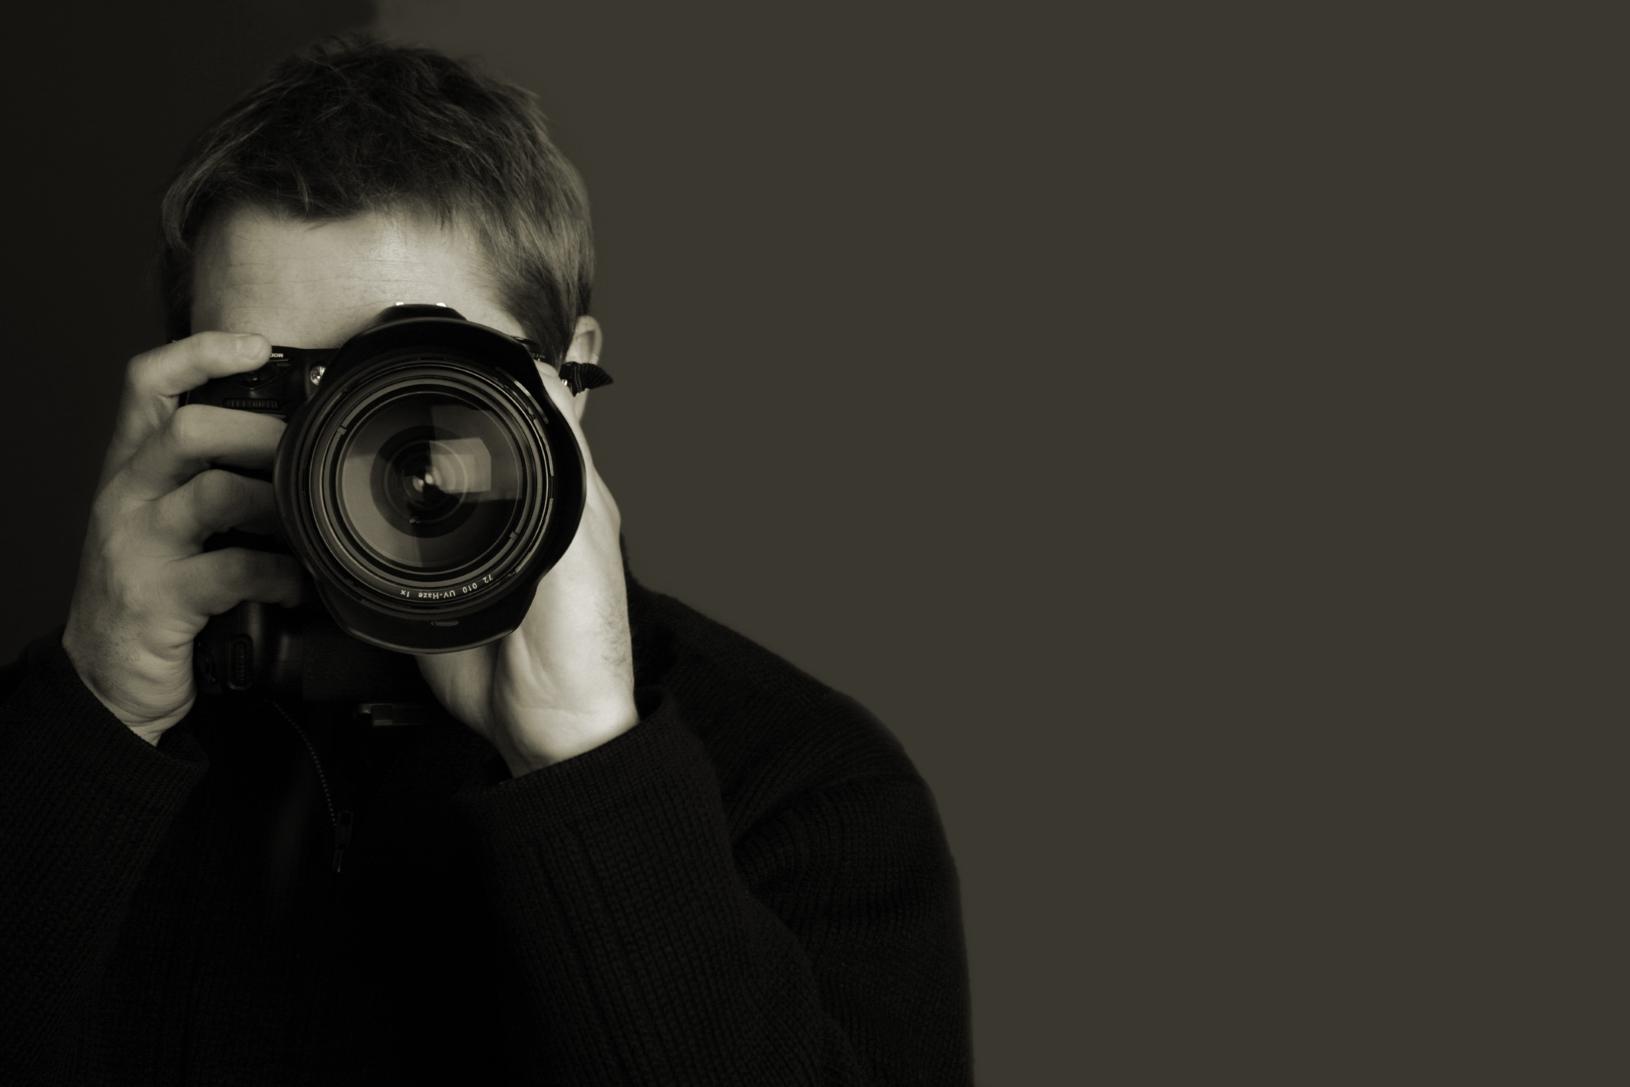 Gaita Fotografi